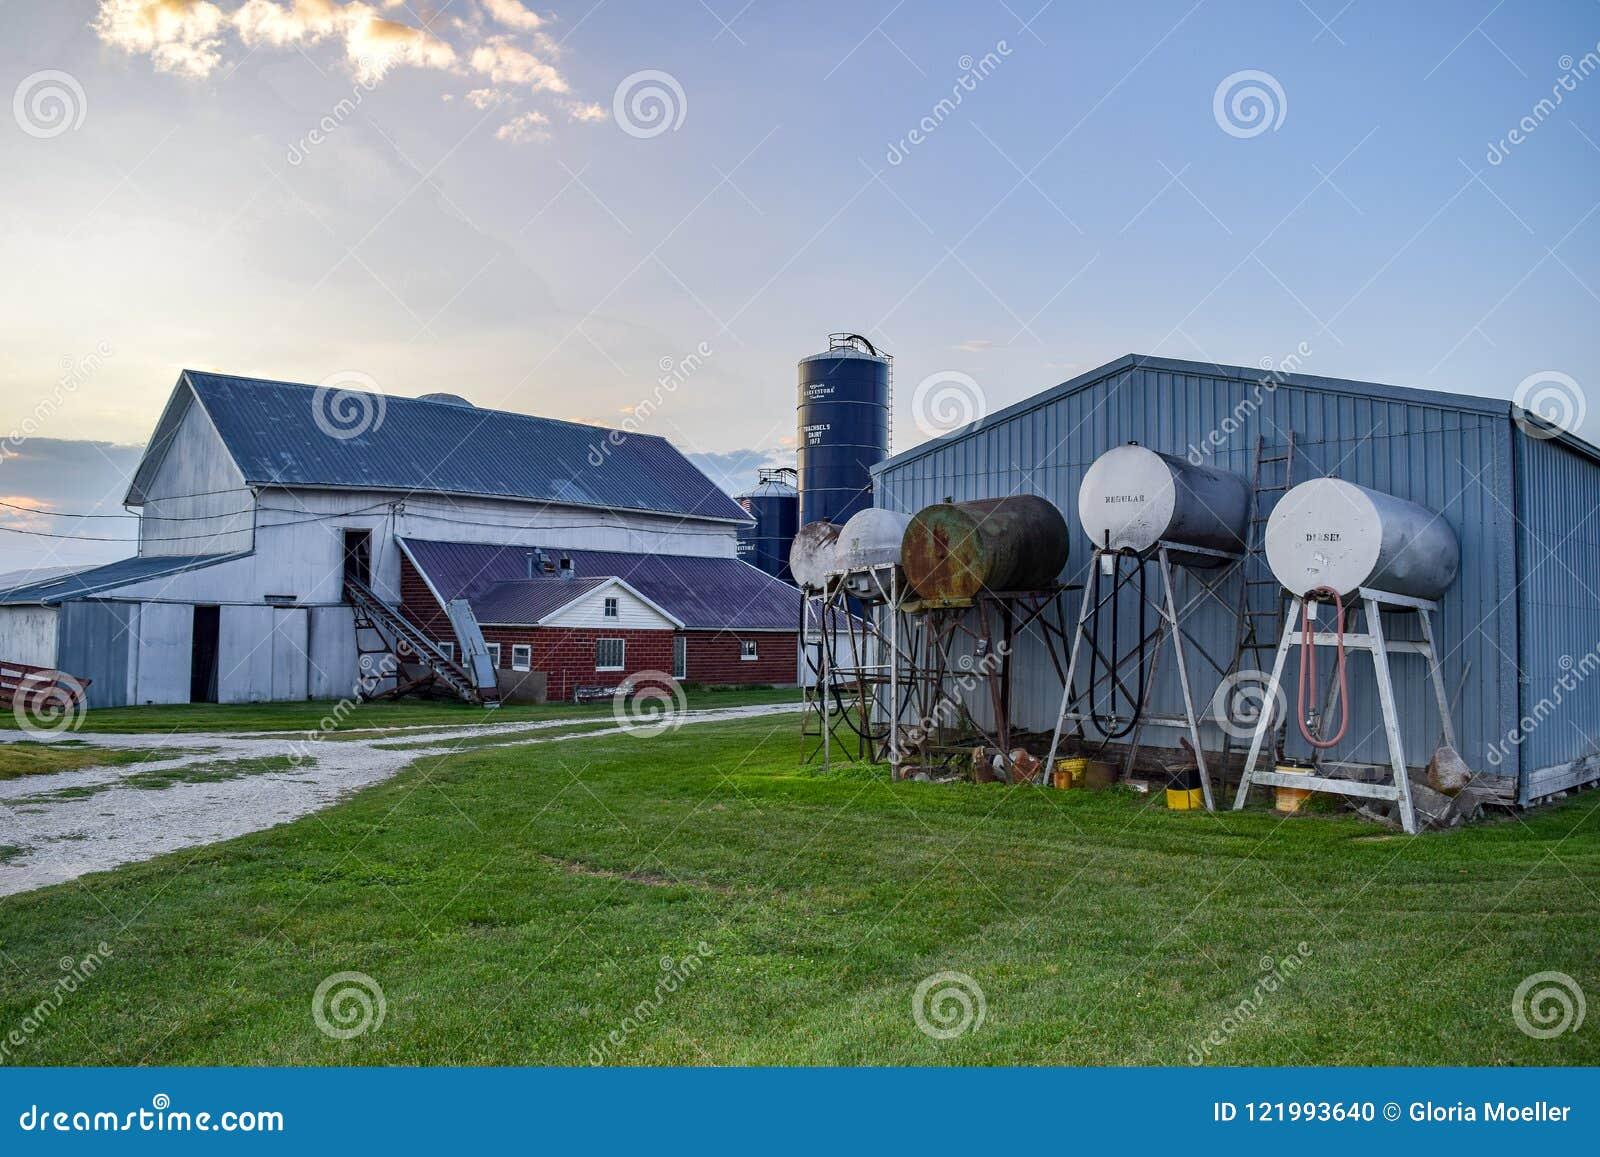 Iowa-Bauernhof-Außengebäude